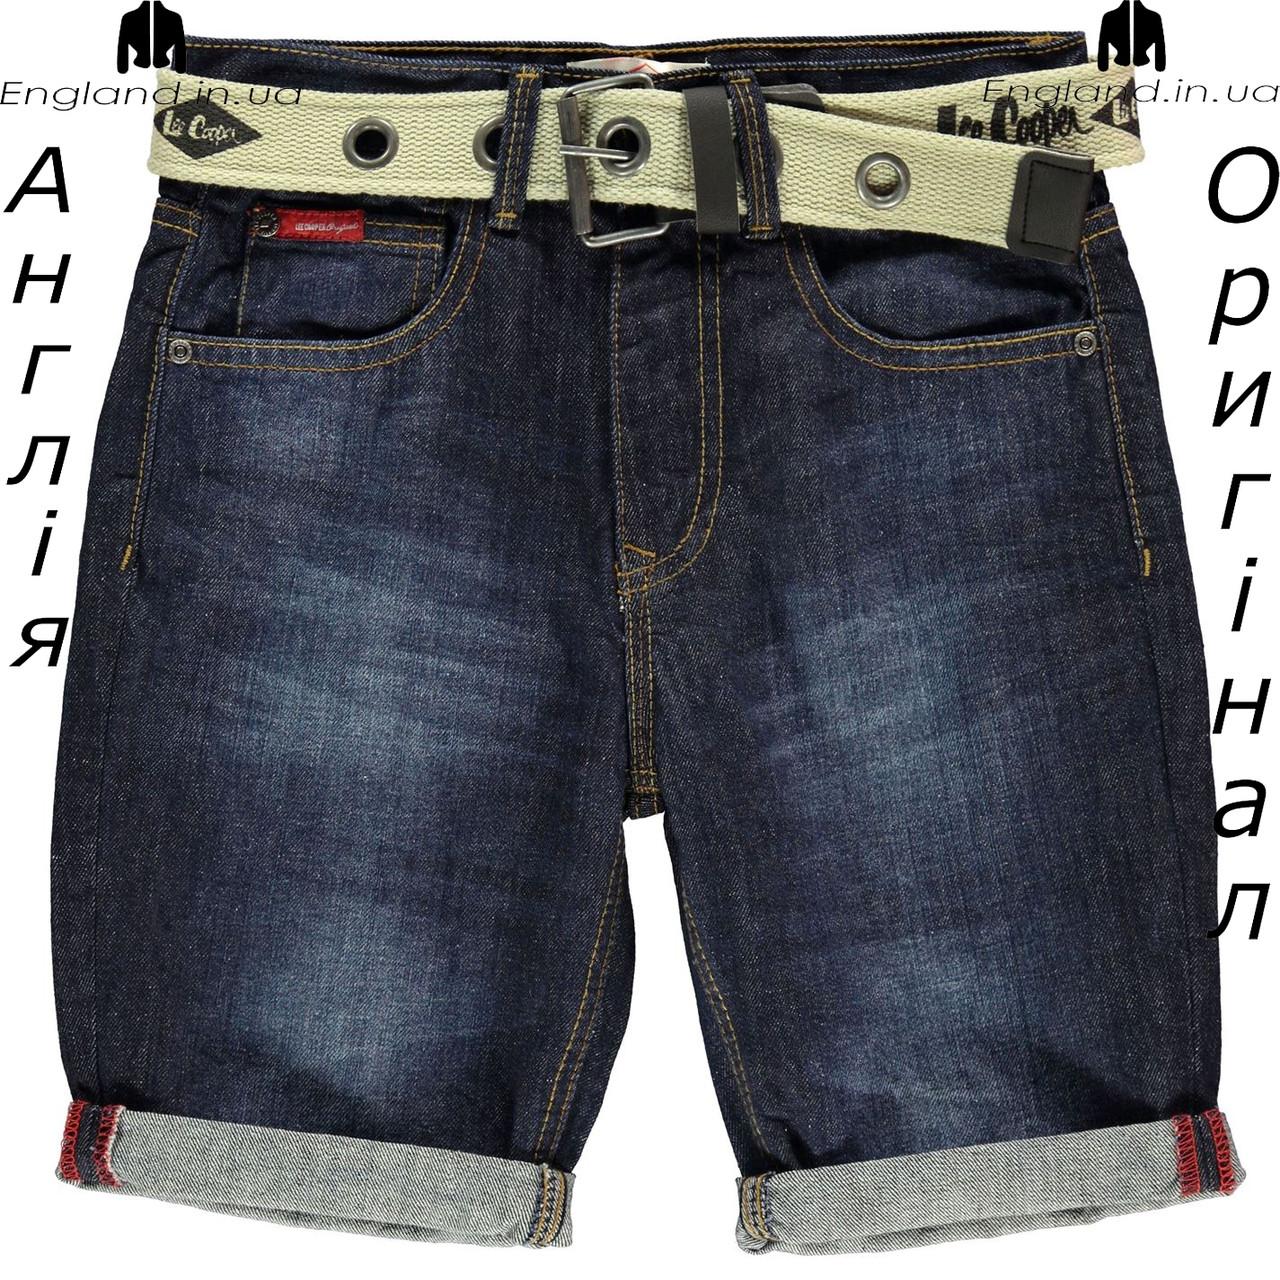 Шорты Lee Cooper из Англии для мальчиков 2-14 лет - джинсовые с ремнем